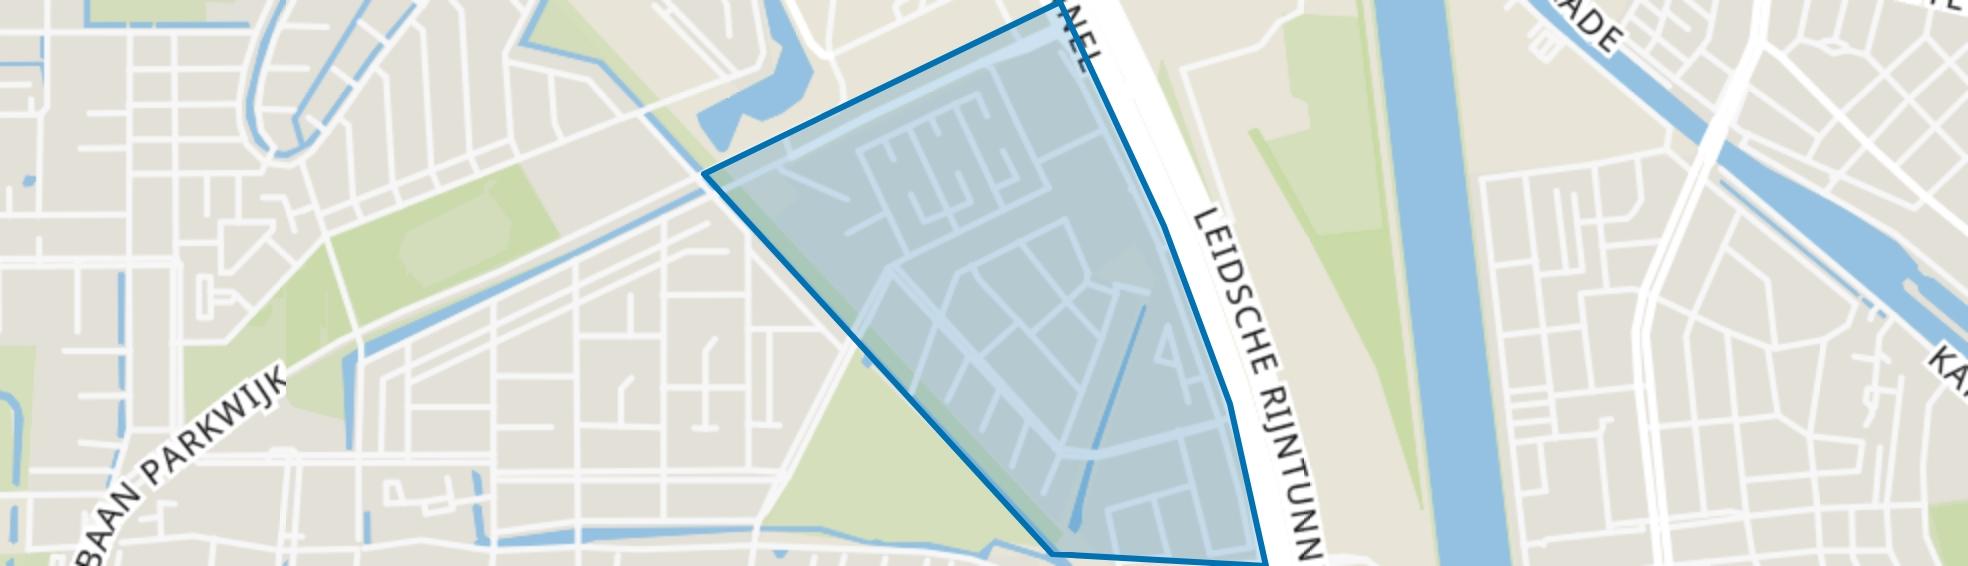 Hoge Weide, Utrecht map